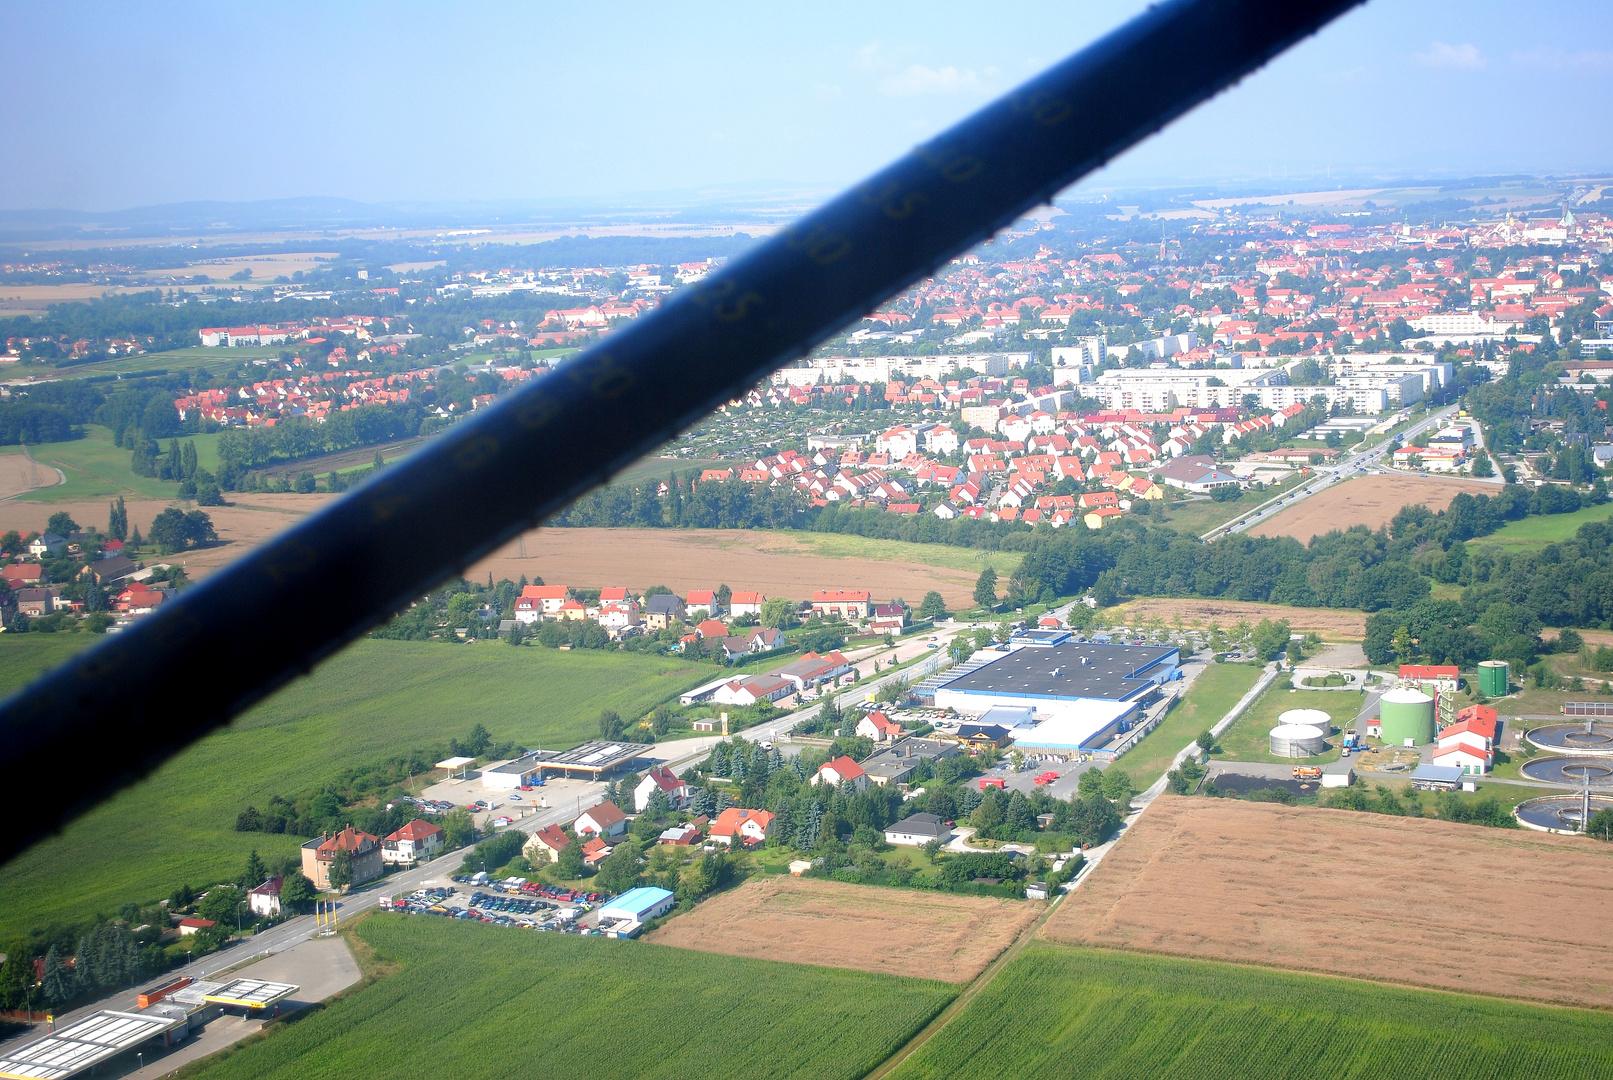 Bautzener Flugtage 2013-Blick aus einer Broussard beim Rundflug